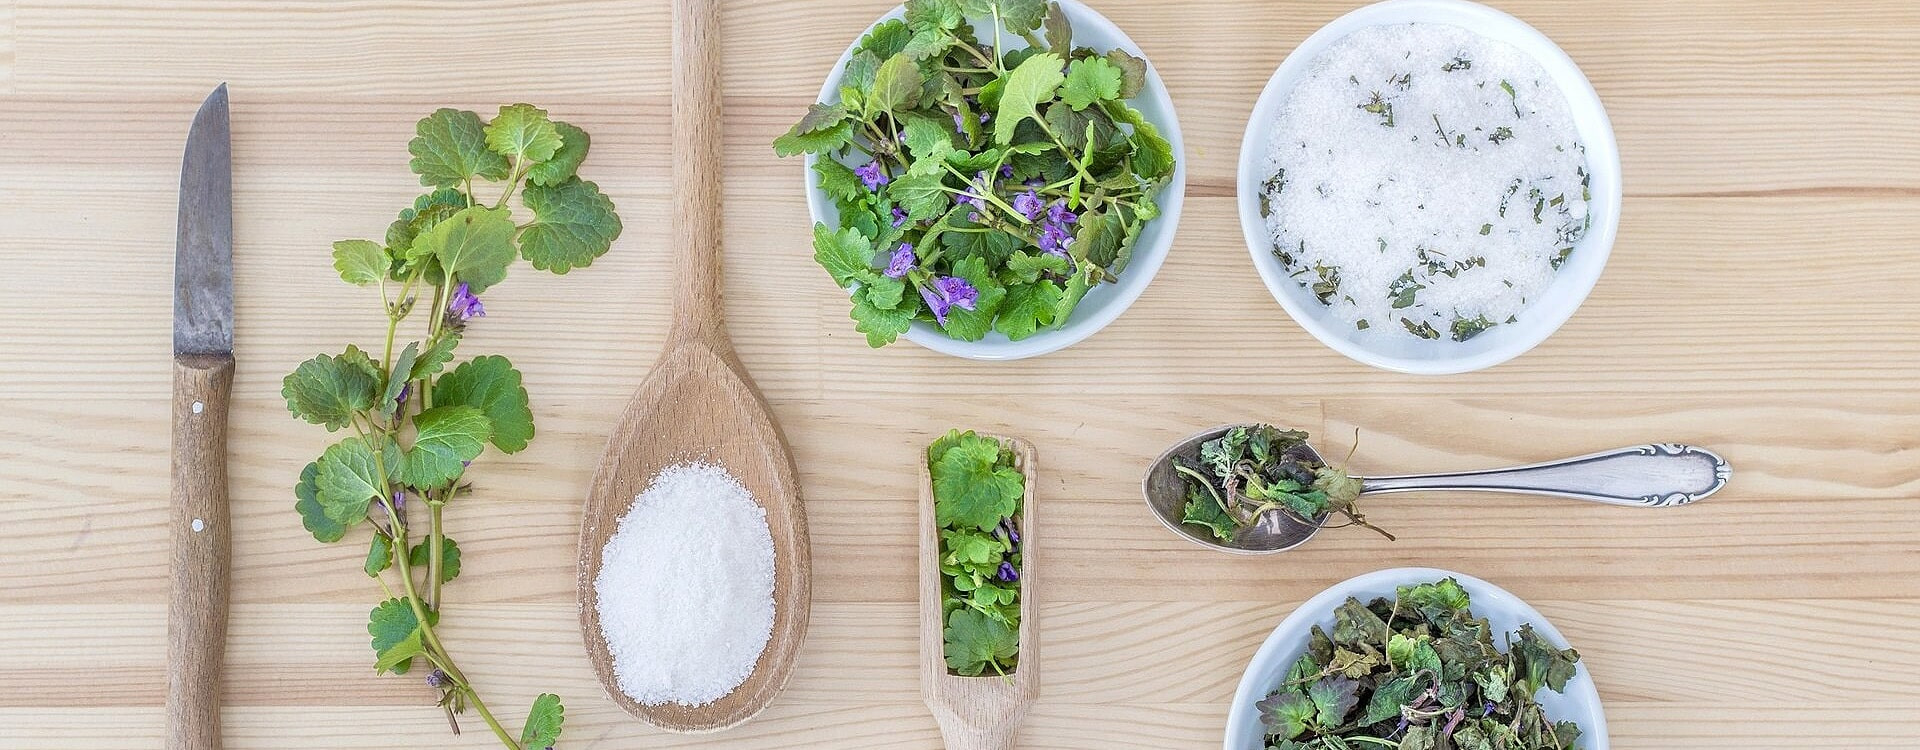 Zdrowa dieta na wiosnę – przyprawy, zioła i nasiona